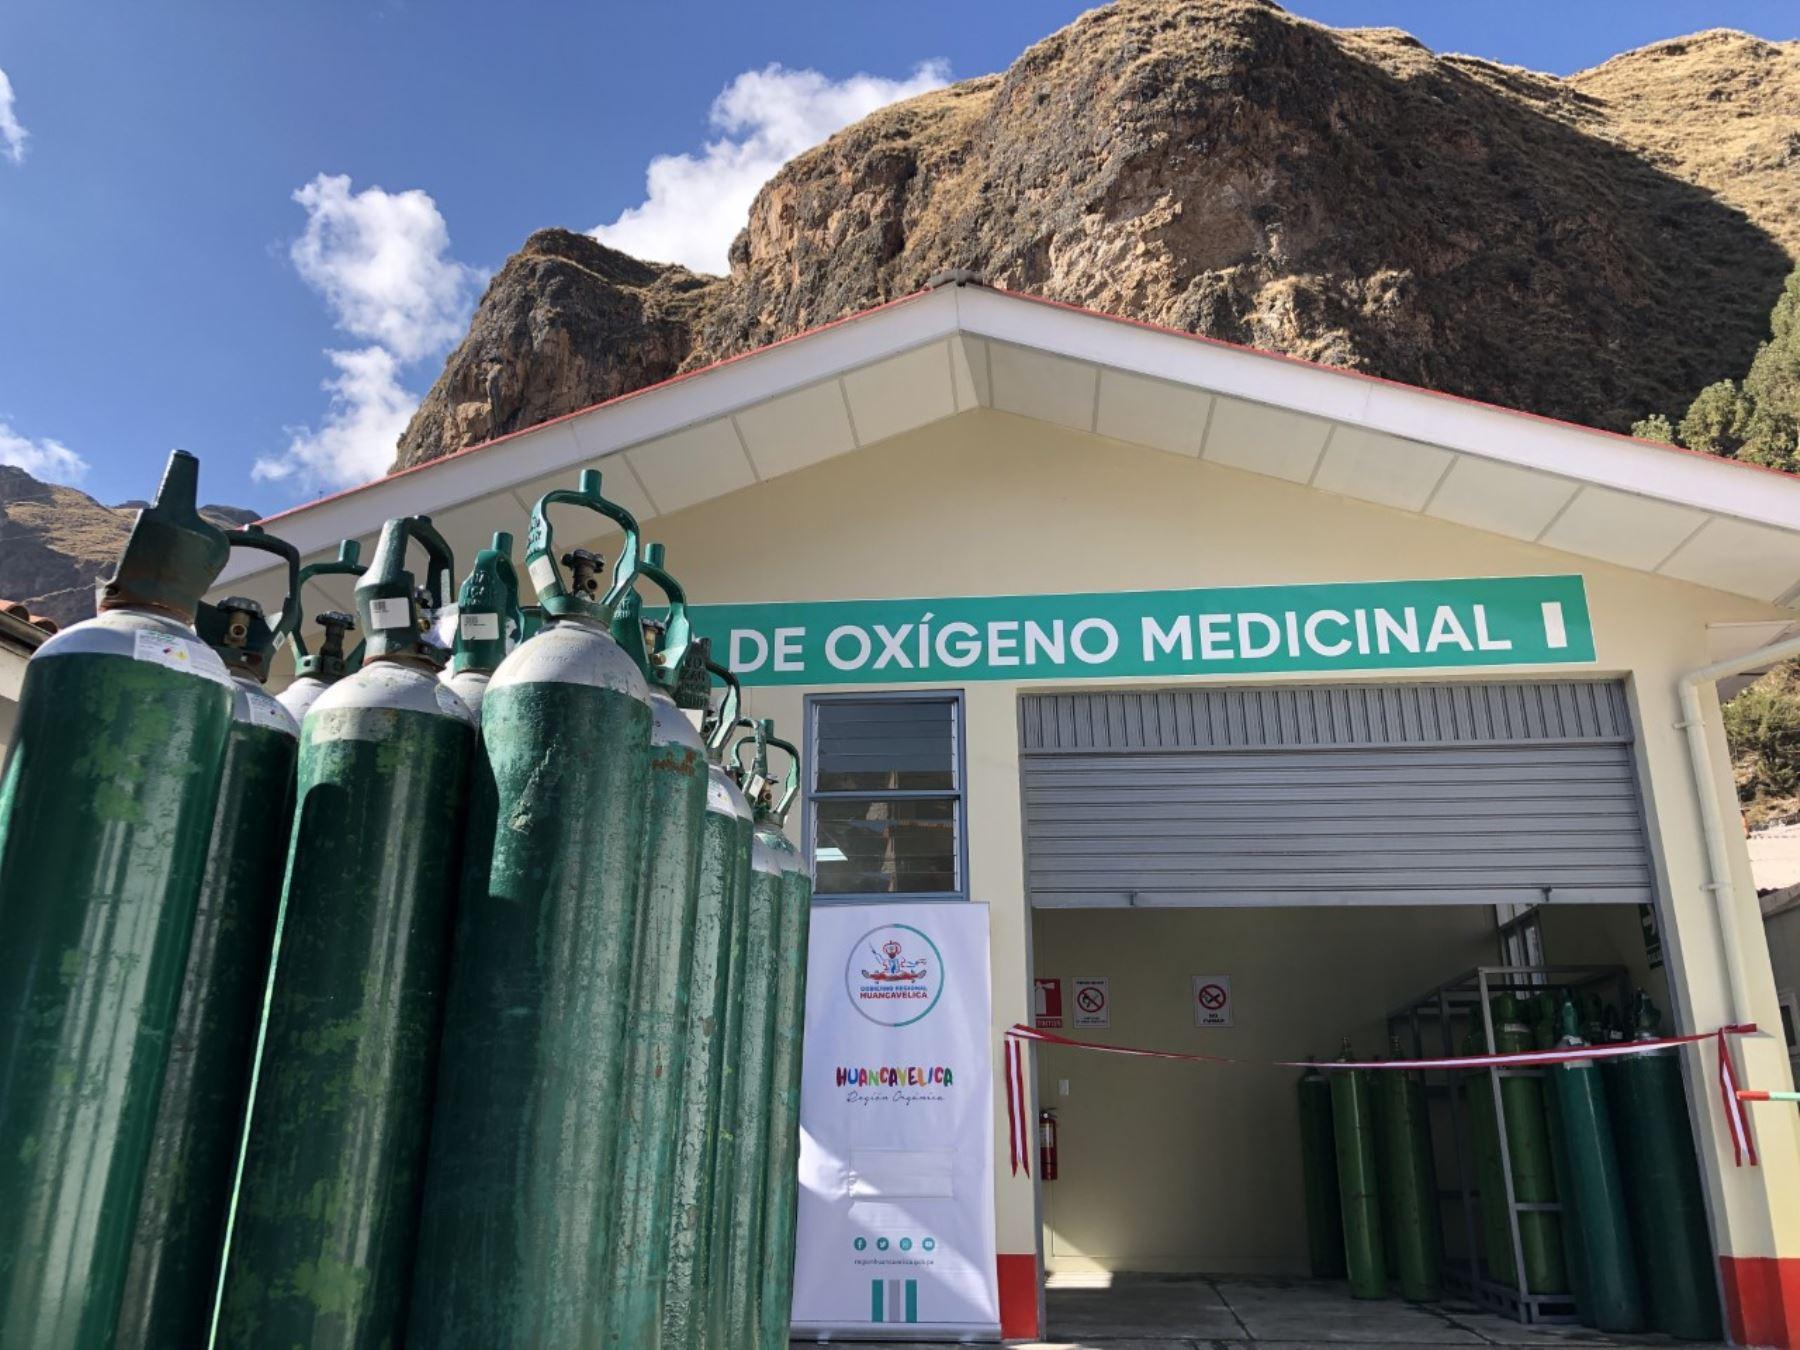 En Huancavelica entregarán gratis oxígeno medicinal a quienes lo necesitan. Los familiares de pacientes enfermos con coronavirus covid-19 deberán presentar la receta médica para recibir el vital insumo.